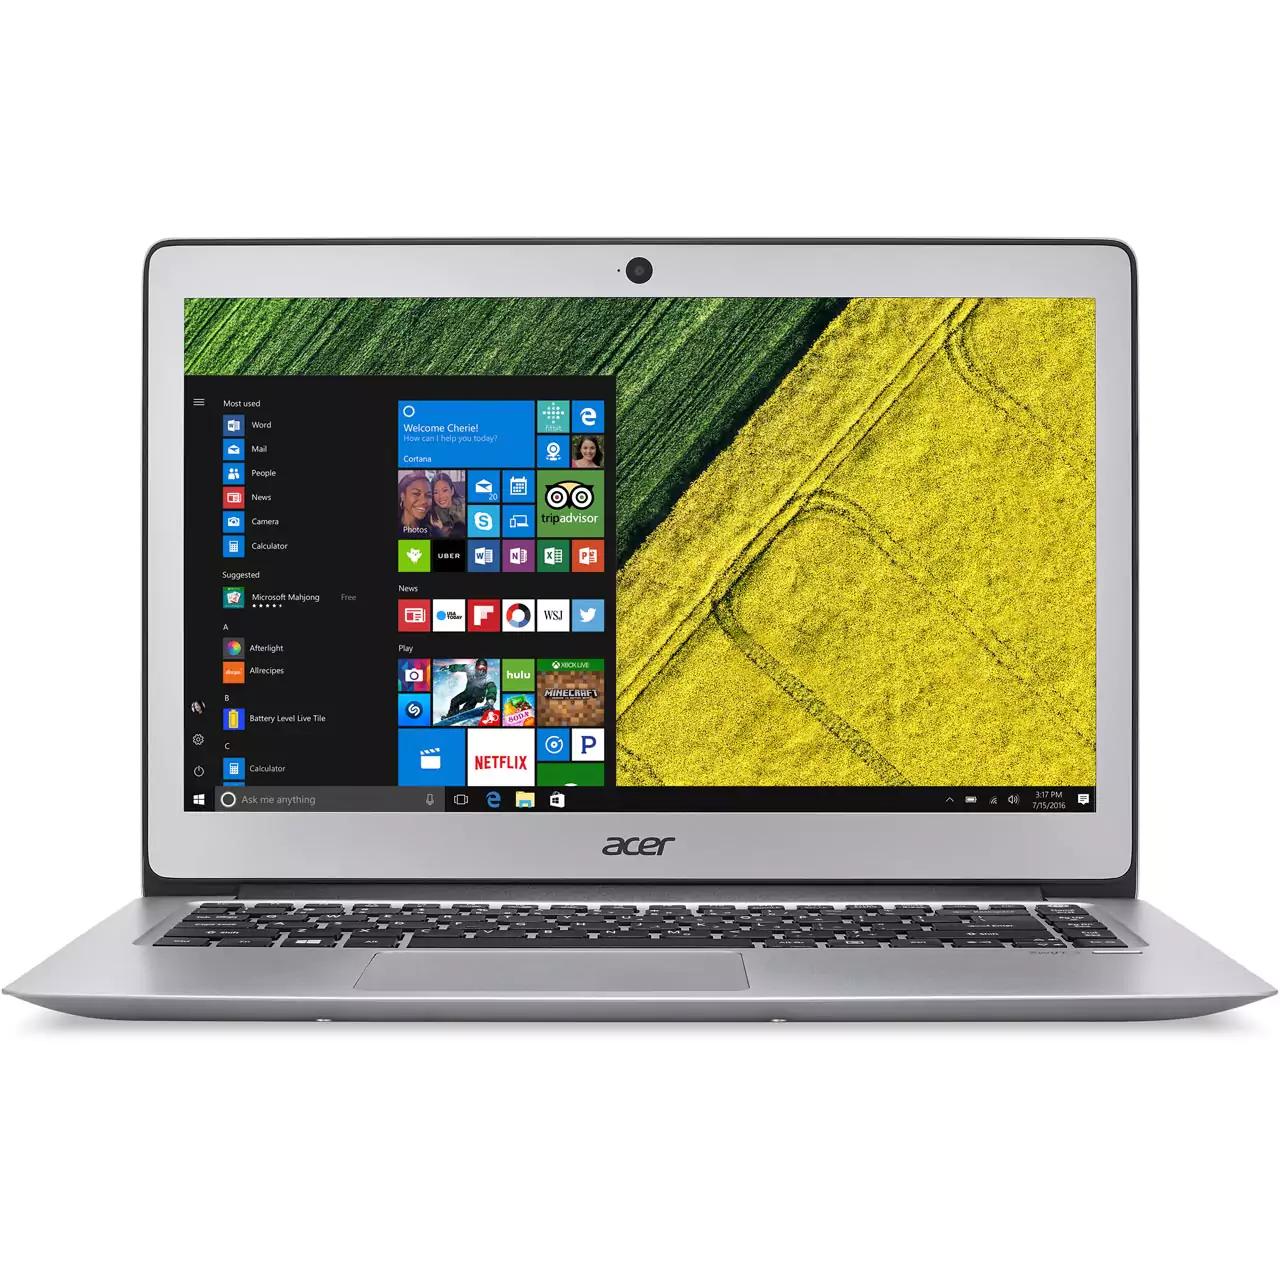 """Acer Swift 3 14"""" i5-7200U 8gb 256GB SSD FULL HD 2 year warranty £584.10 @ AO"""